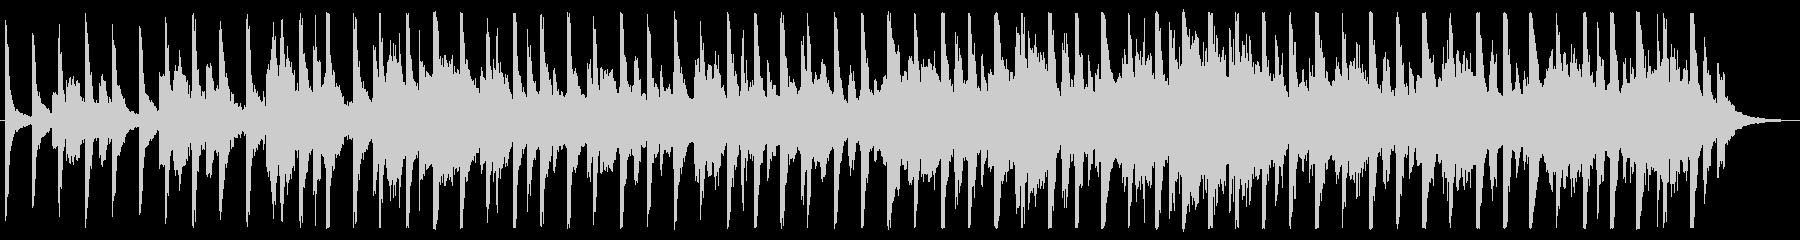 アパレルCMに合う4つ打ちシンセポップの未再生の波形